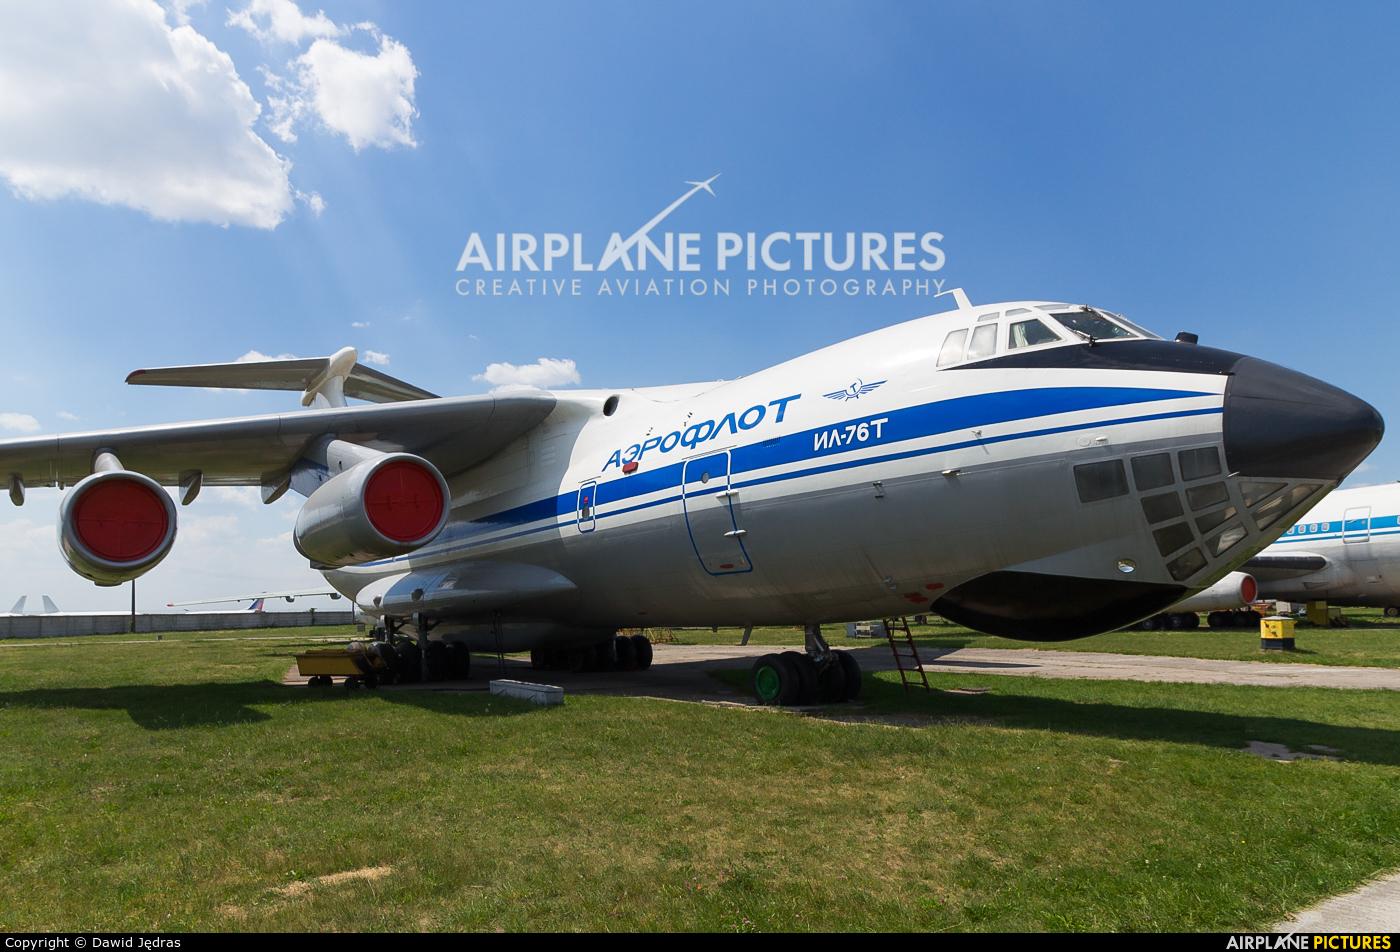 Aeroflot CCCP-76511 aircraft at Kyiv - Zhulyany State Aviation Museum